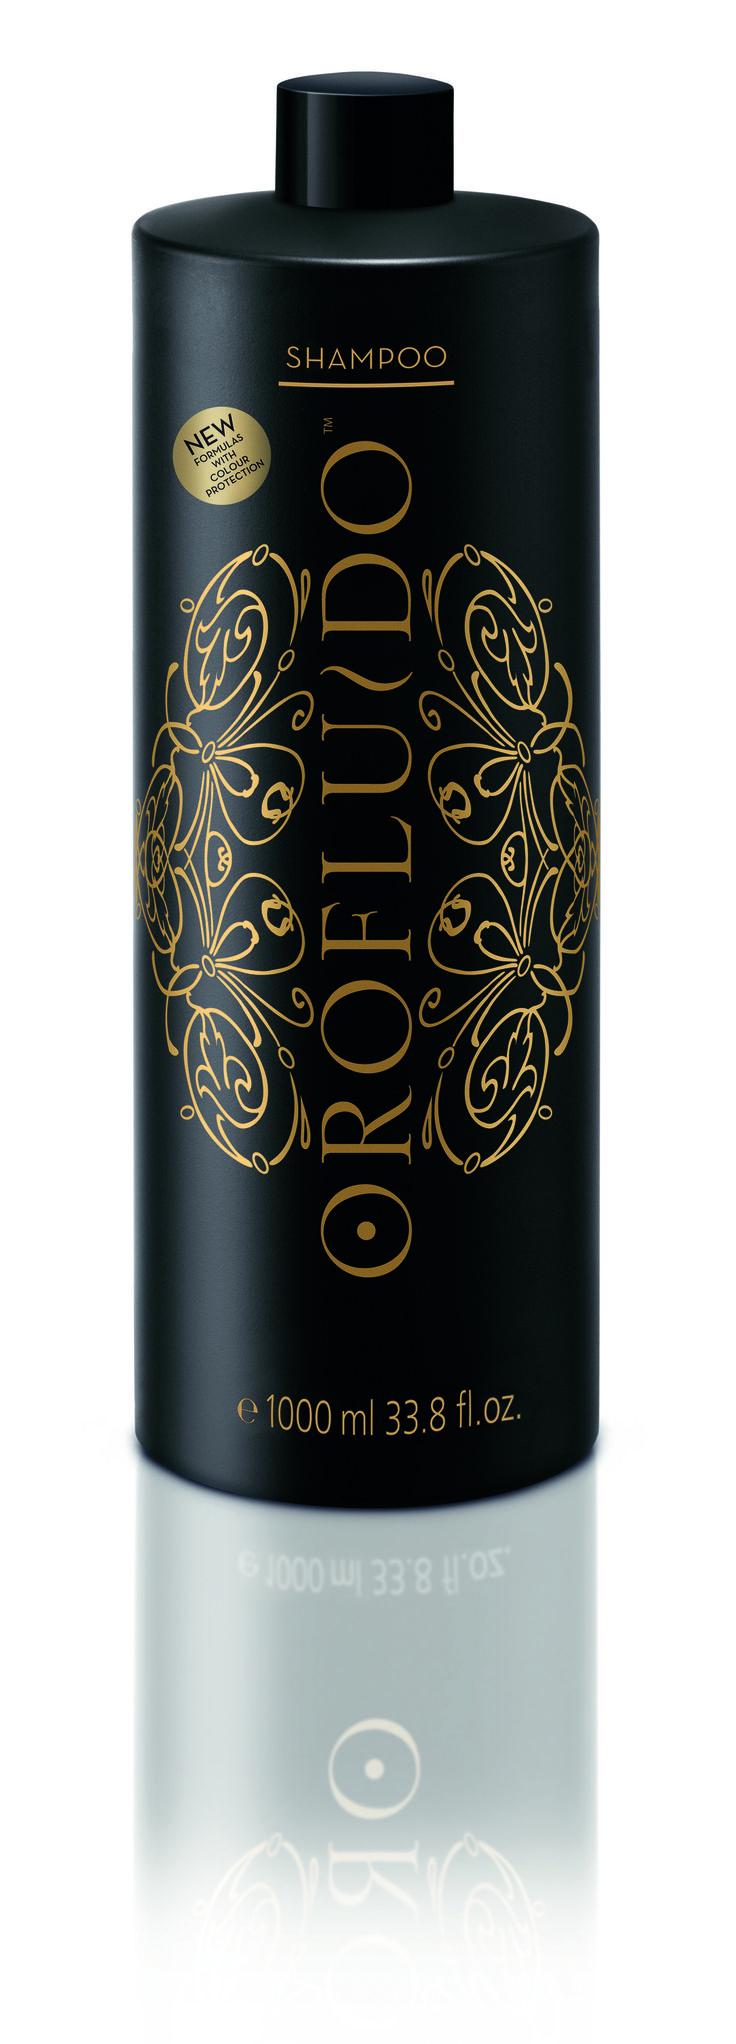 Orofluido Sha,poo 1000ml.